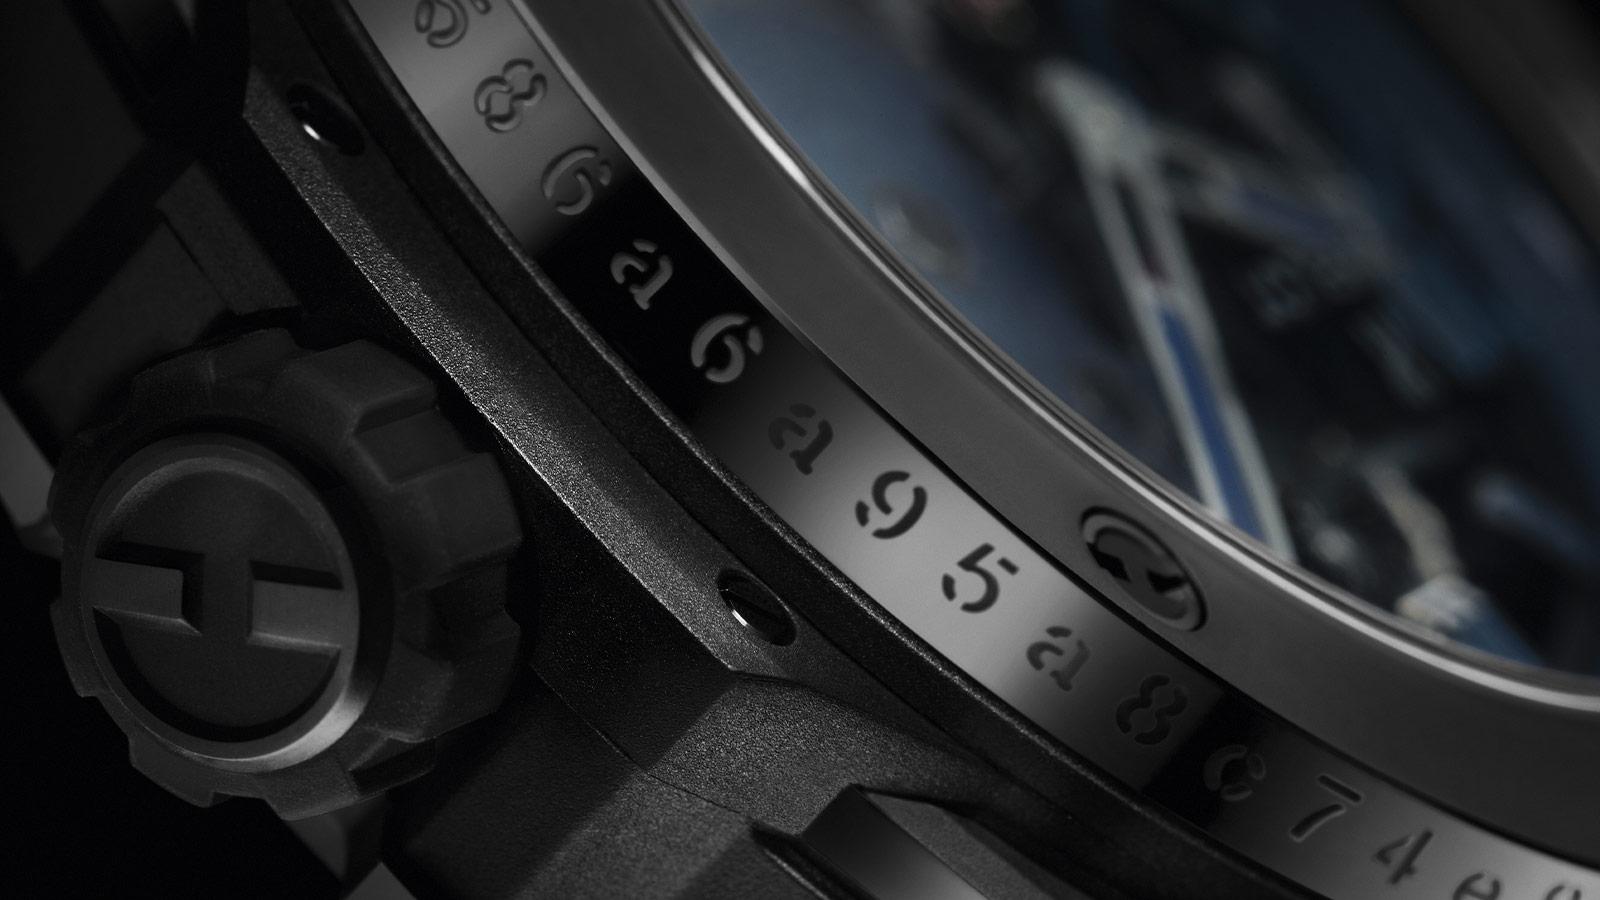 Na všech kusech hodinek je speciální gravírování s unikátním hashem transakce